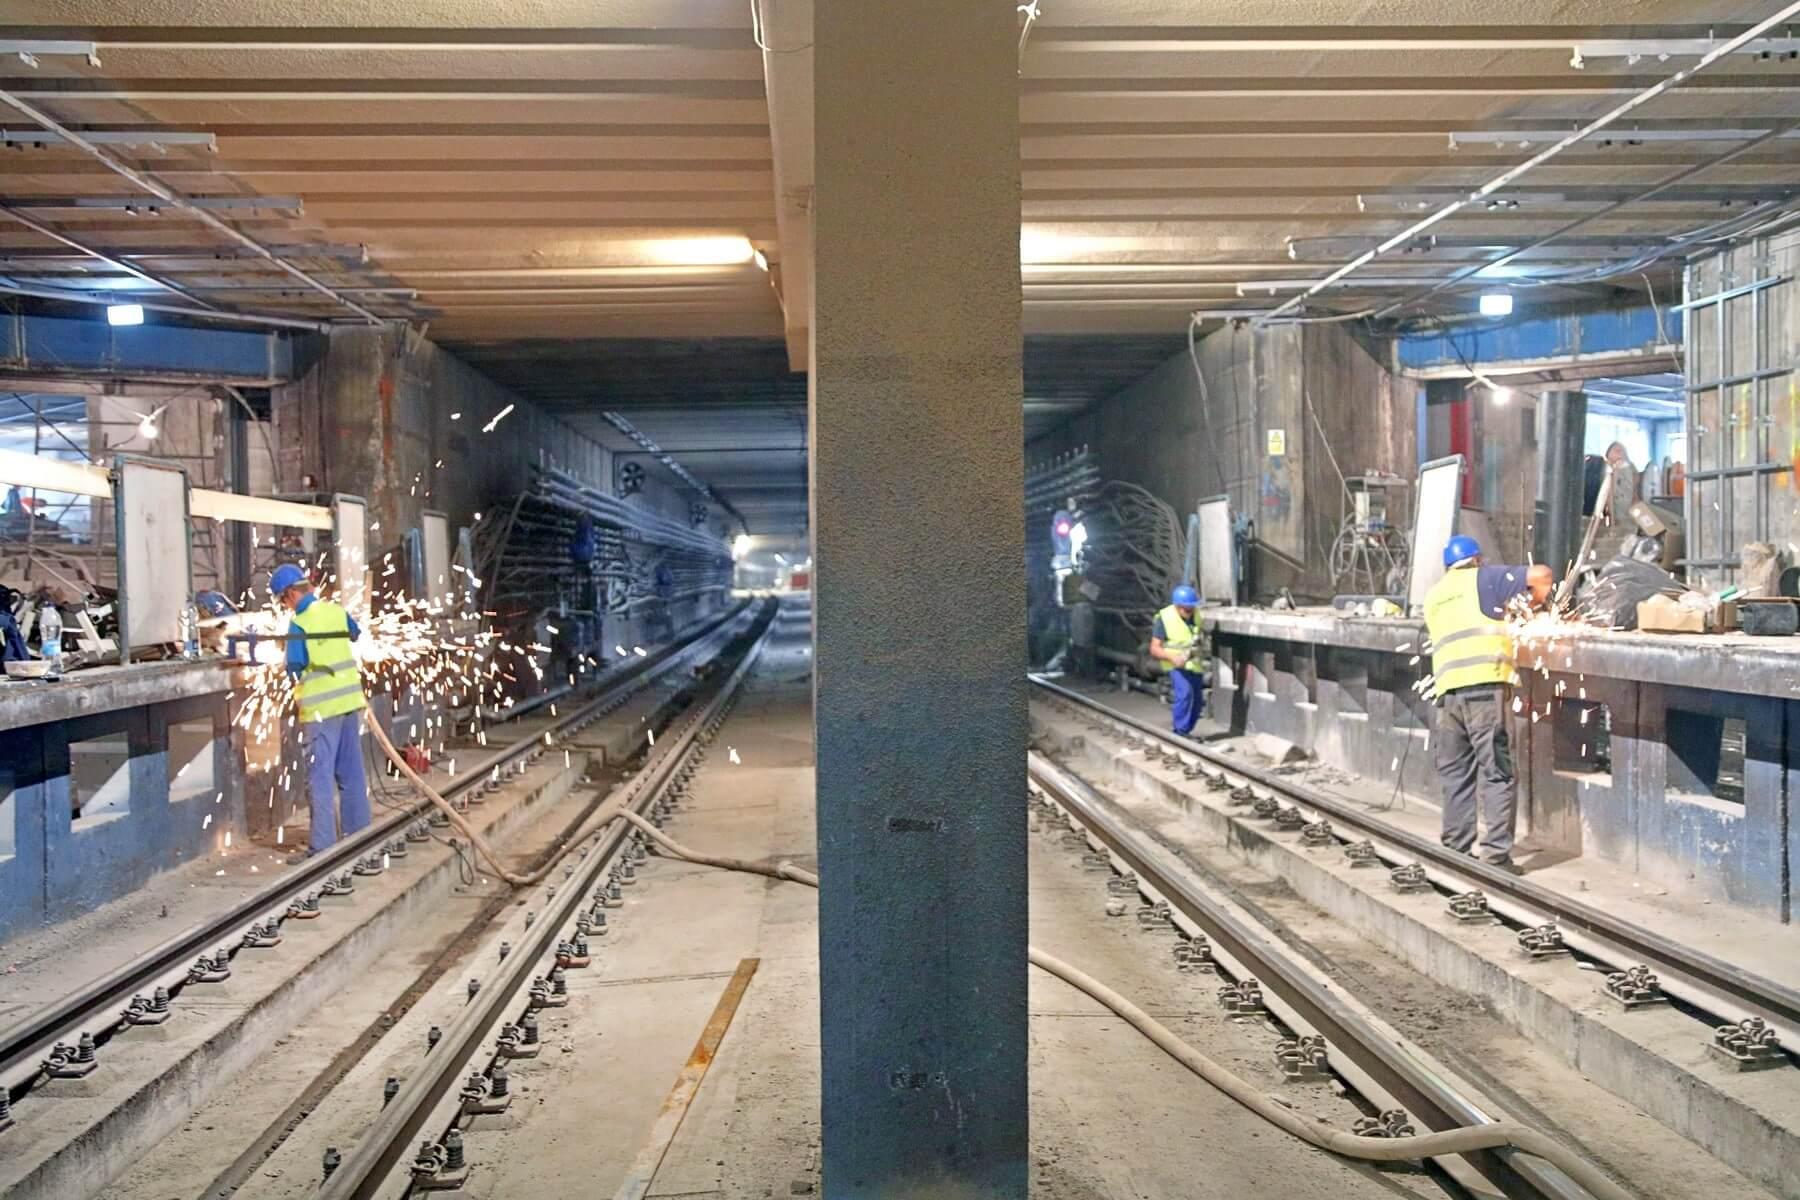 Itt tart az M3-as metró felújítása